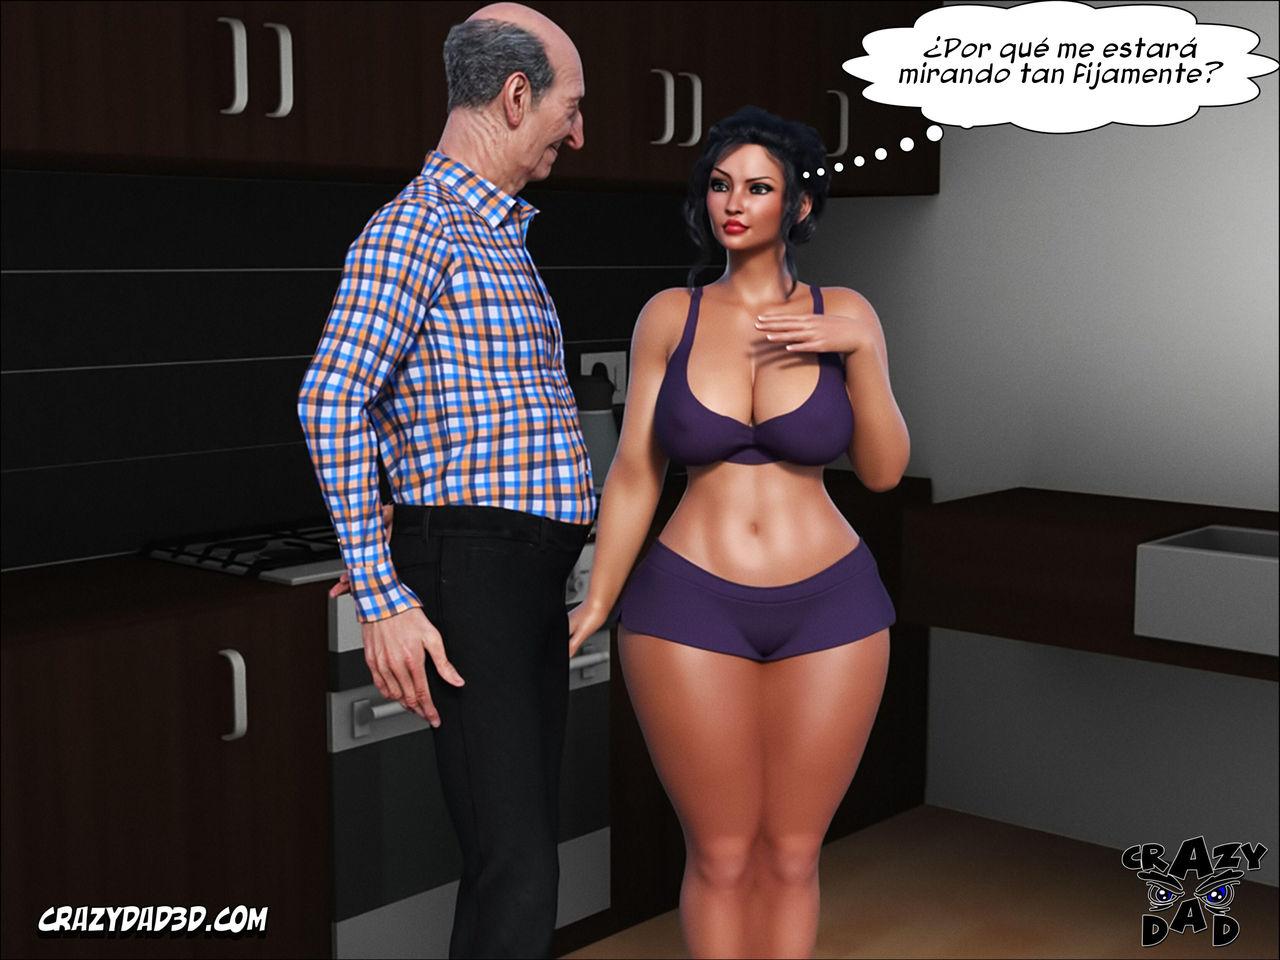 DADDY CRAZY Desire parte 1